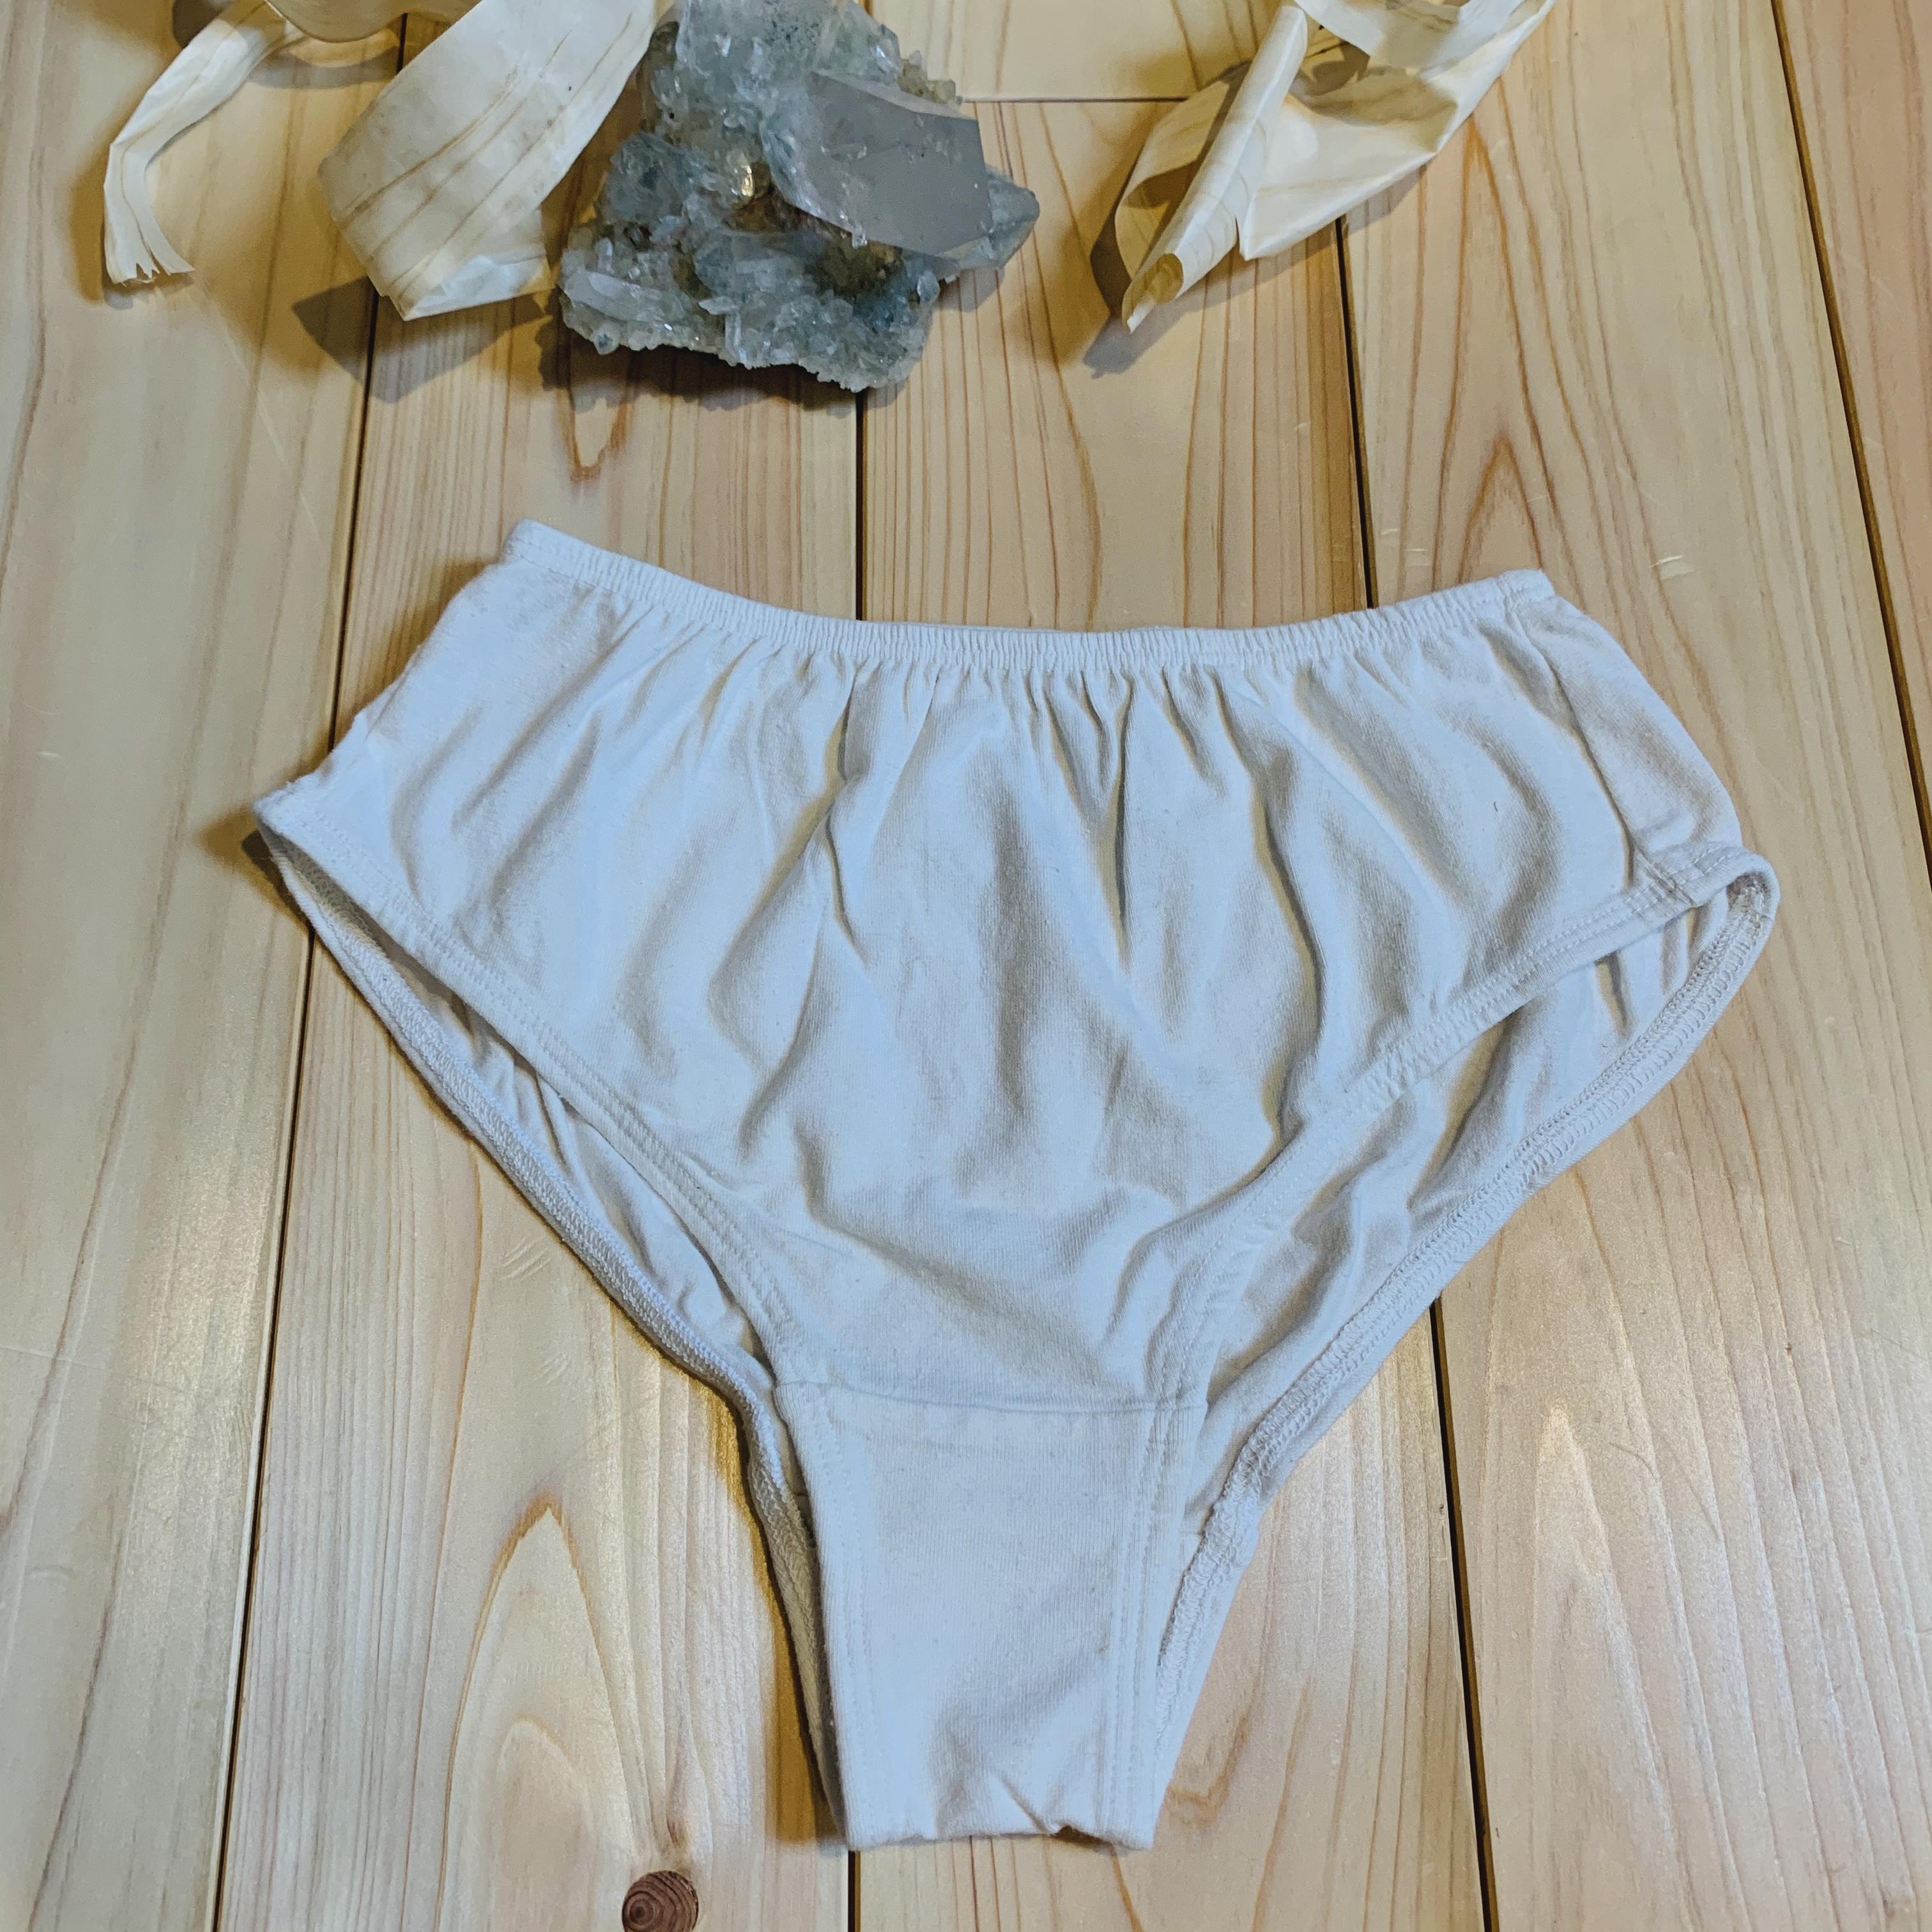 【先行販売価格】∞Under Pants∞ Hemp/Cotton